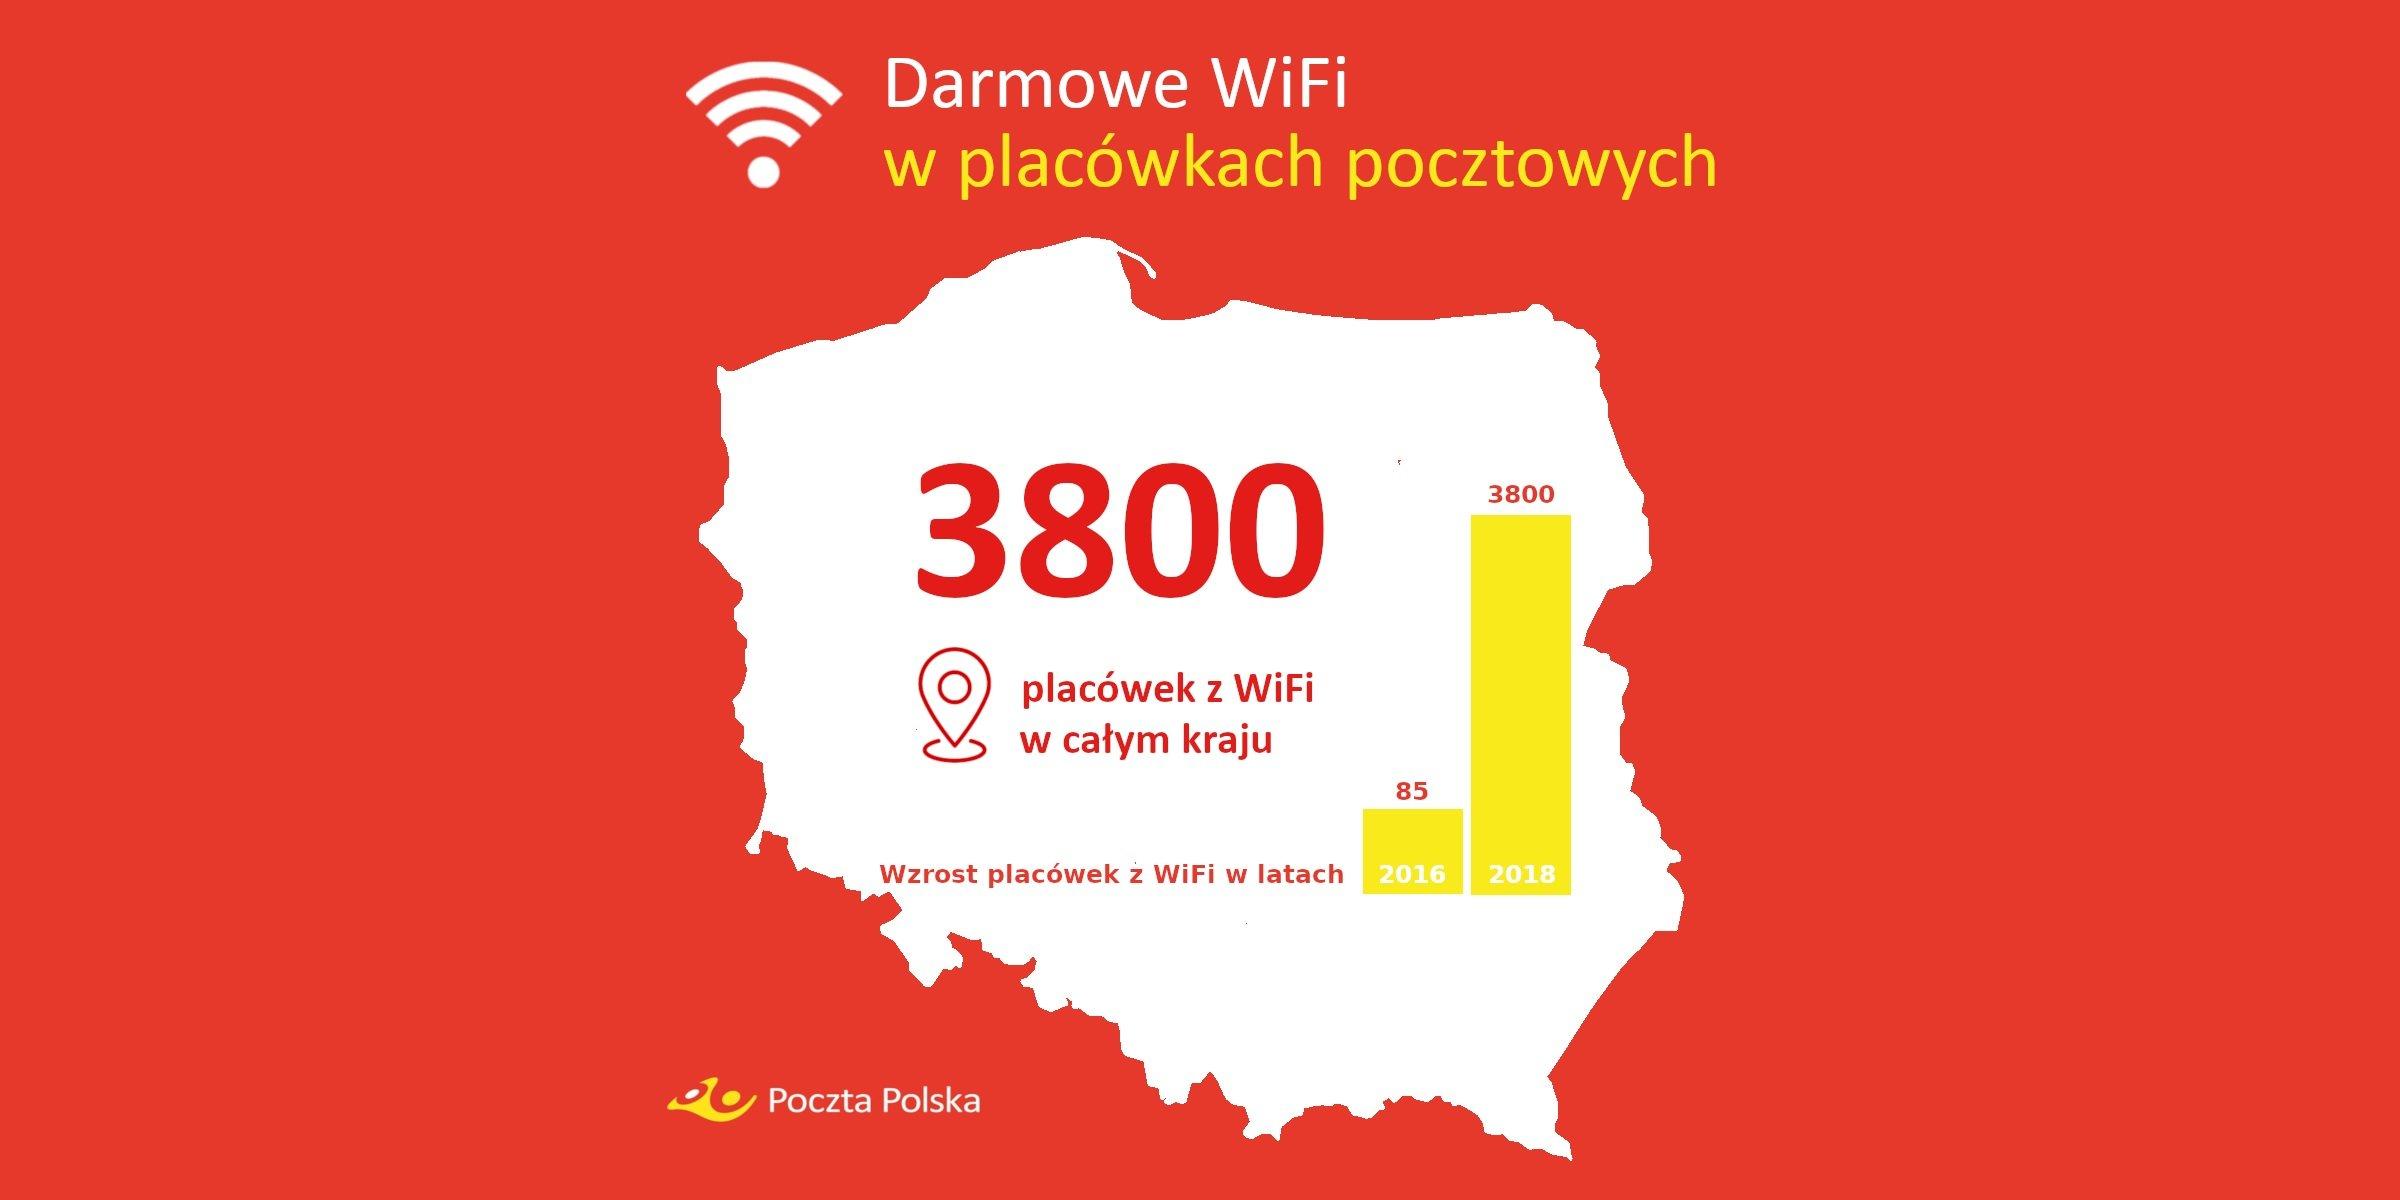 Tabletowo.pl Darmowe Wi-Fi dostępne już w połowie wszystkich placówek Poczty Polskiej Nowości